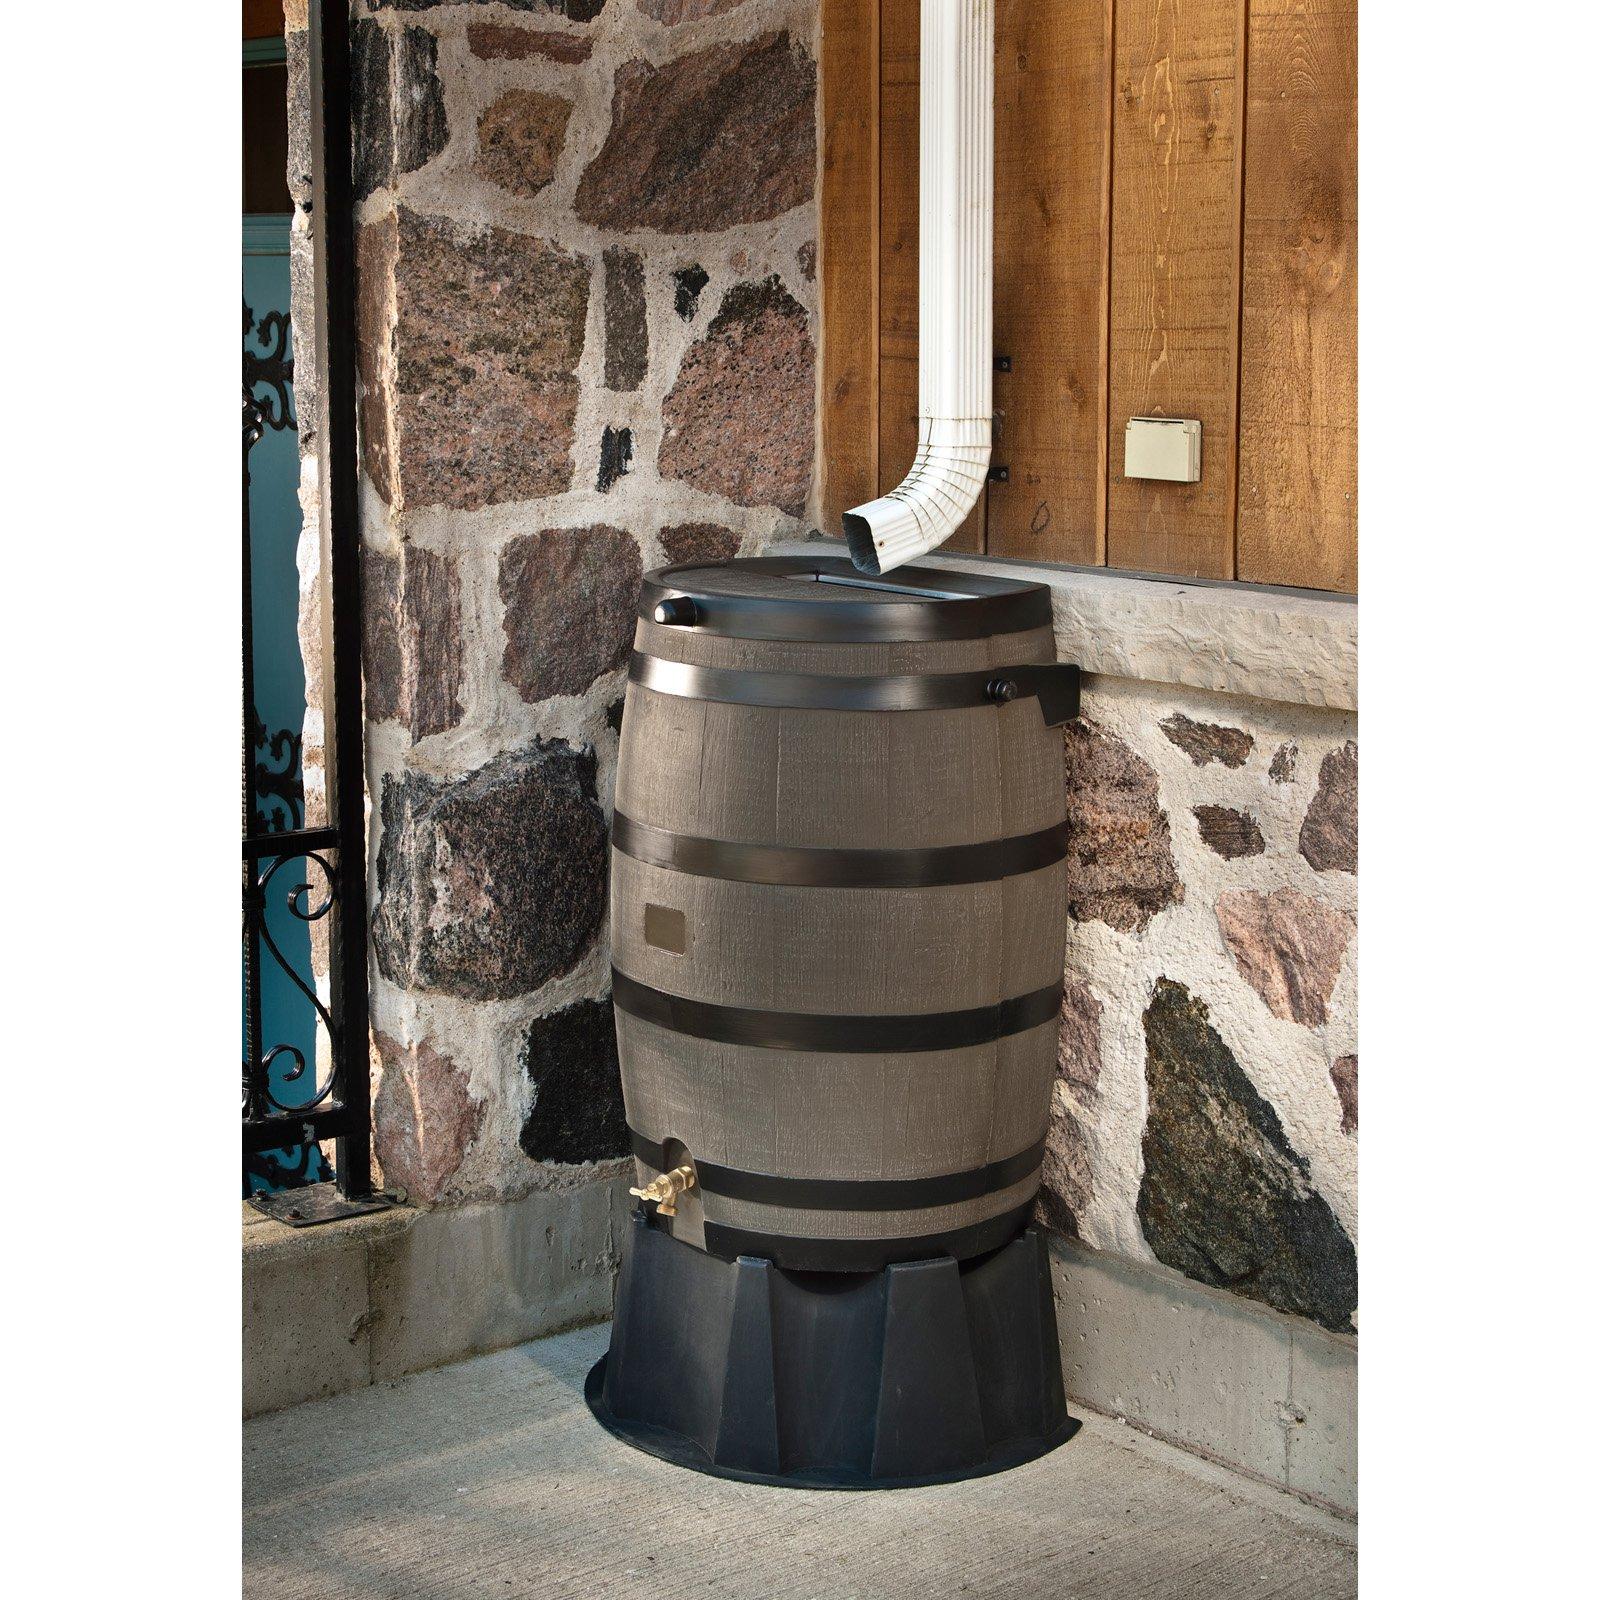 Rain Barrel Rts 50 Gallon Wood Grain Resin Flat Back Rain Barrel In 2019 Products Rain Barrel Stand Rain Barrel Rain